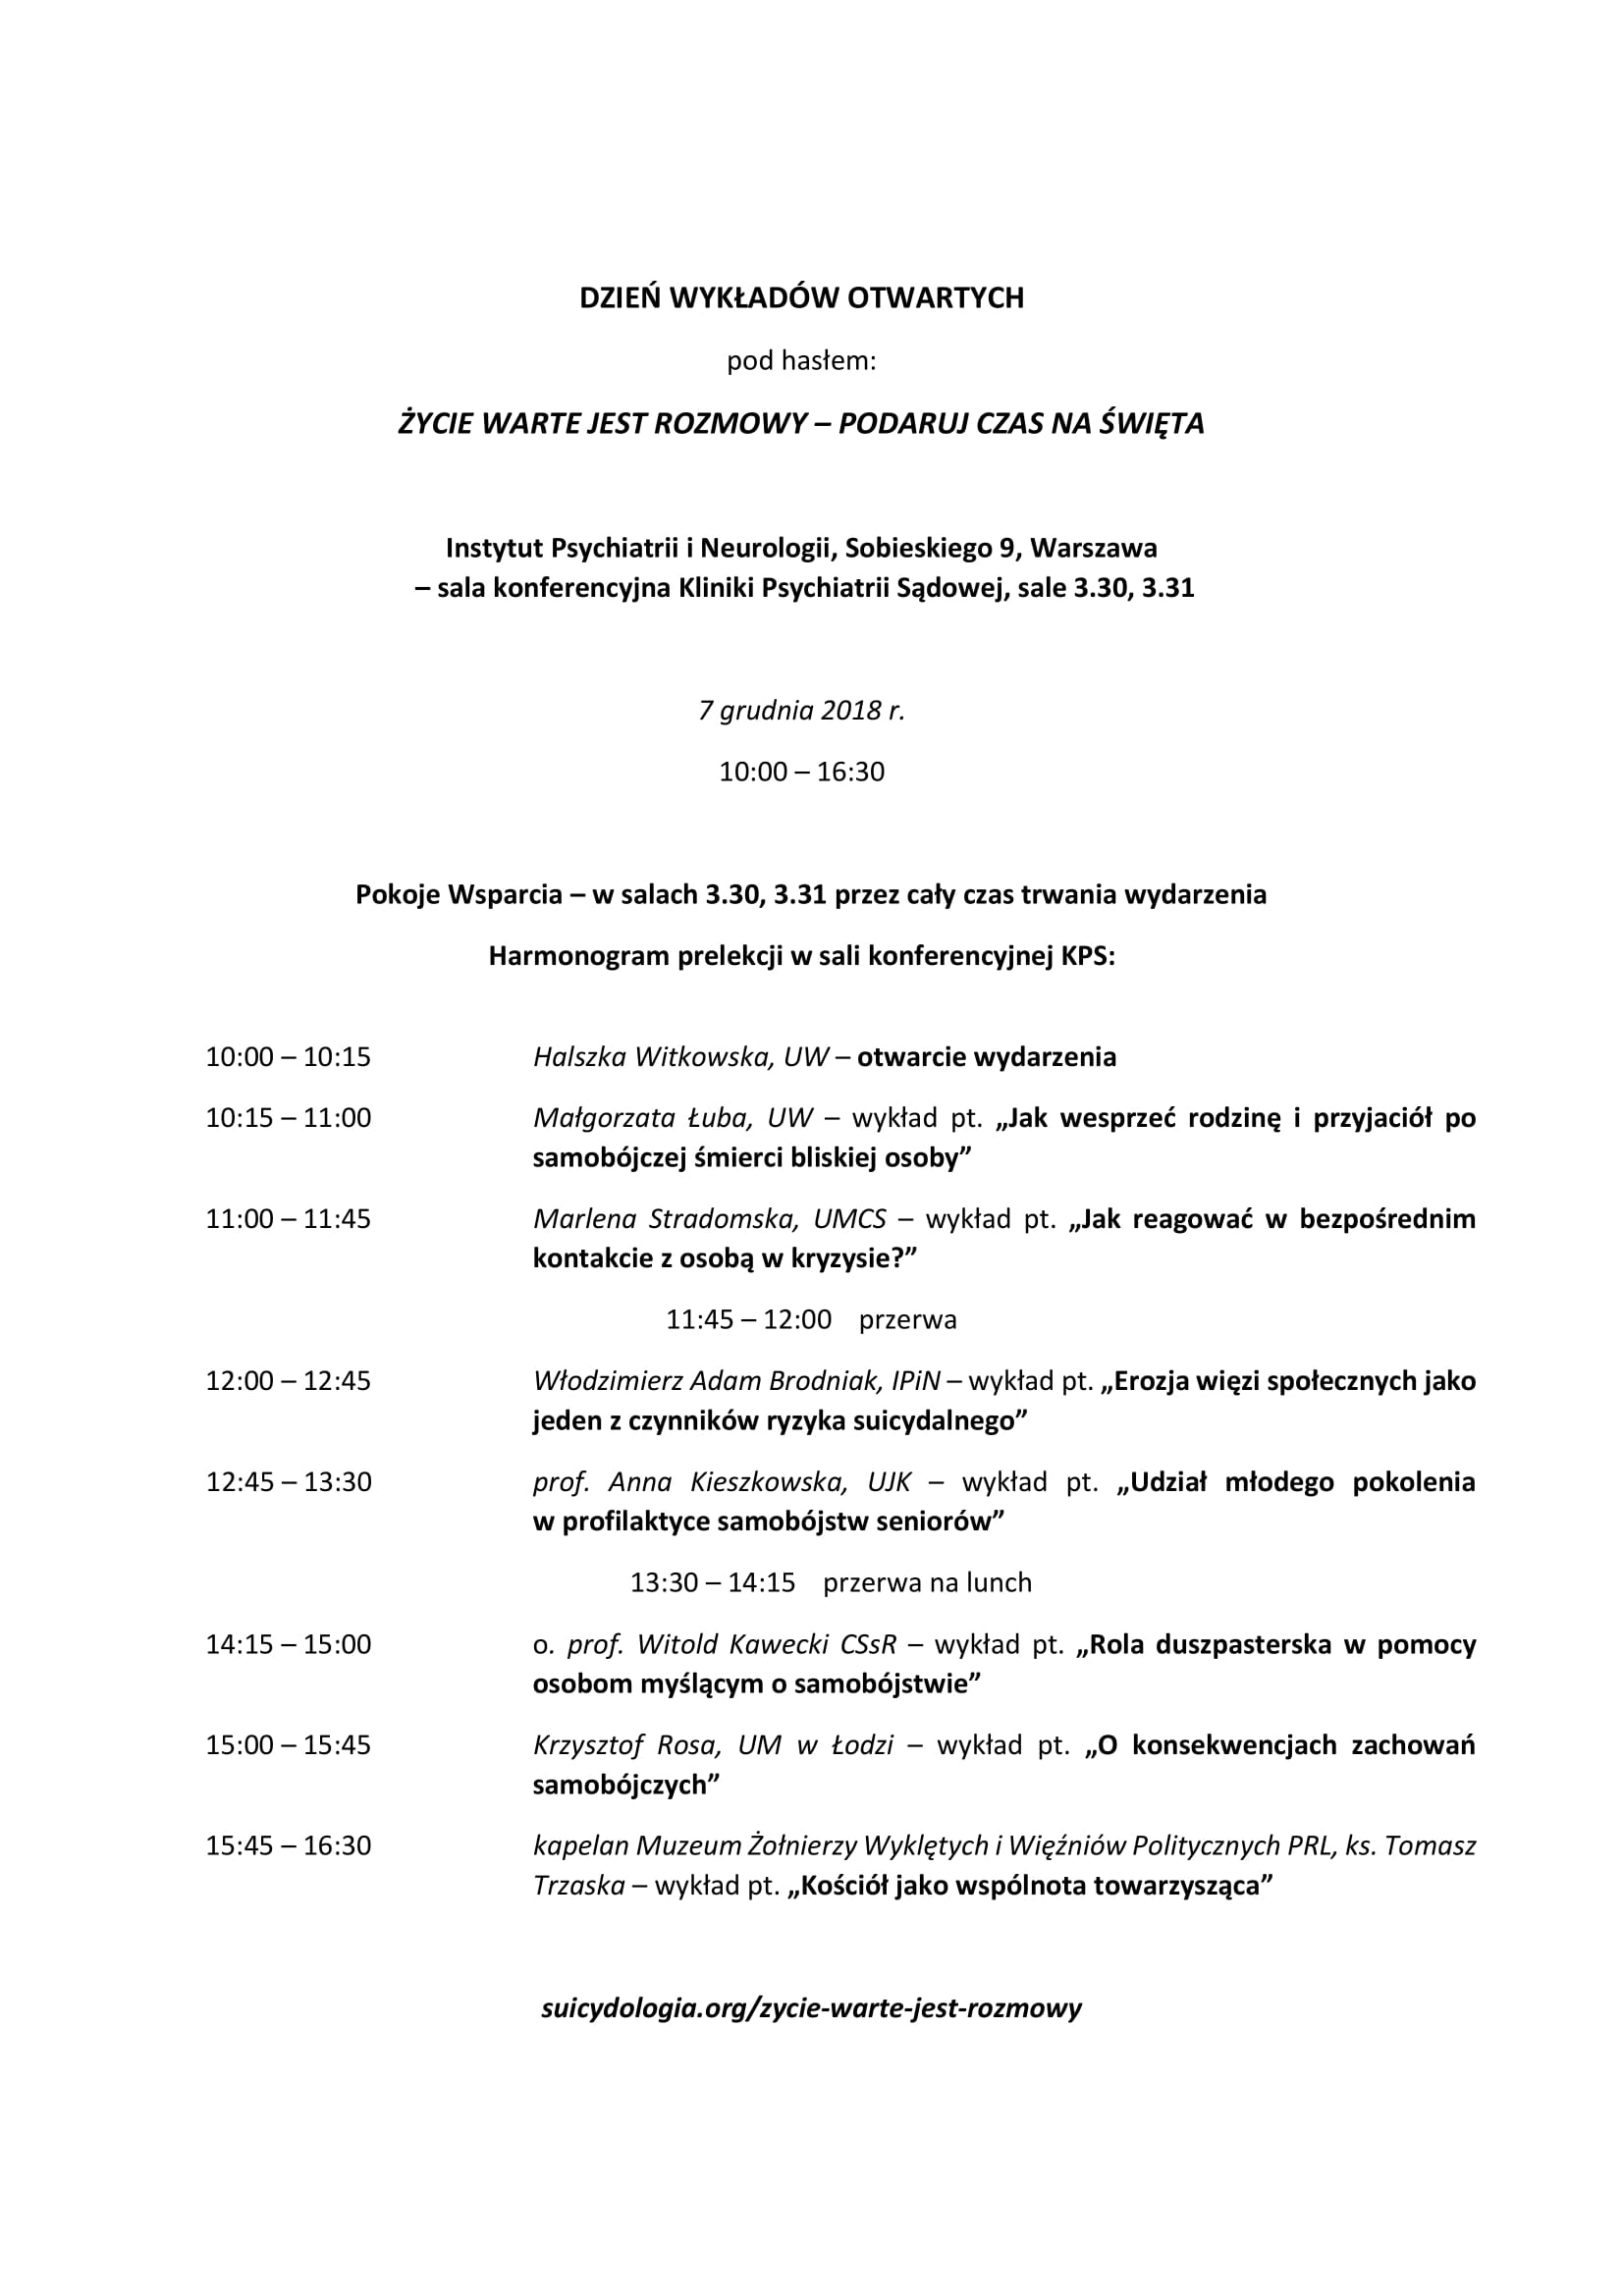 Komunikat prasowy - Życie warte jest rozmowy - PTS, 29.10.2018-2